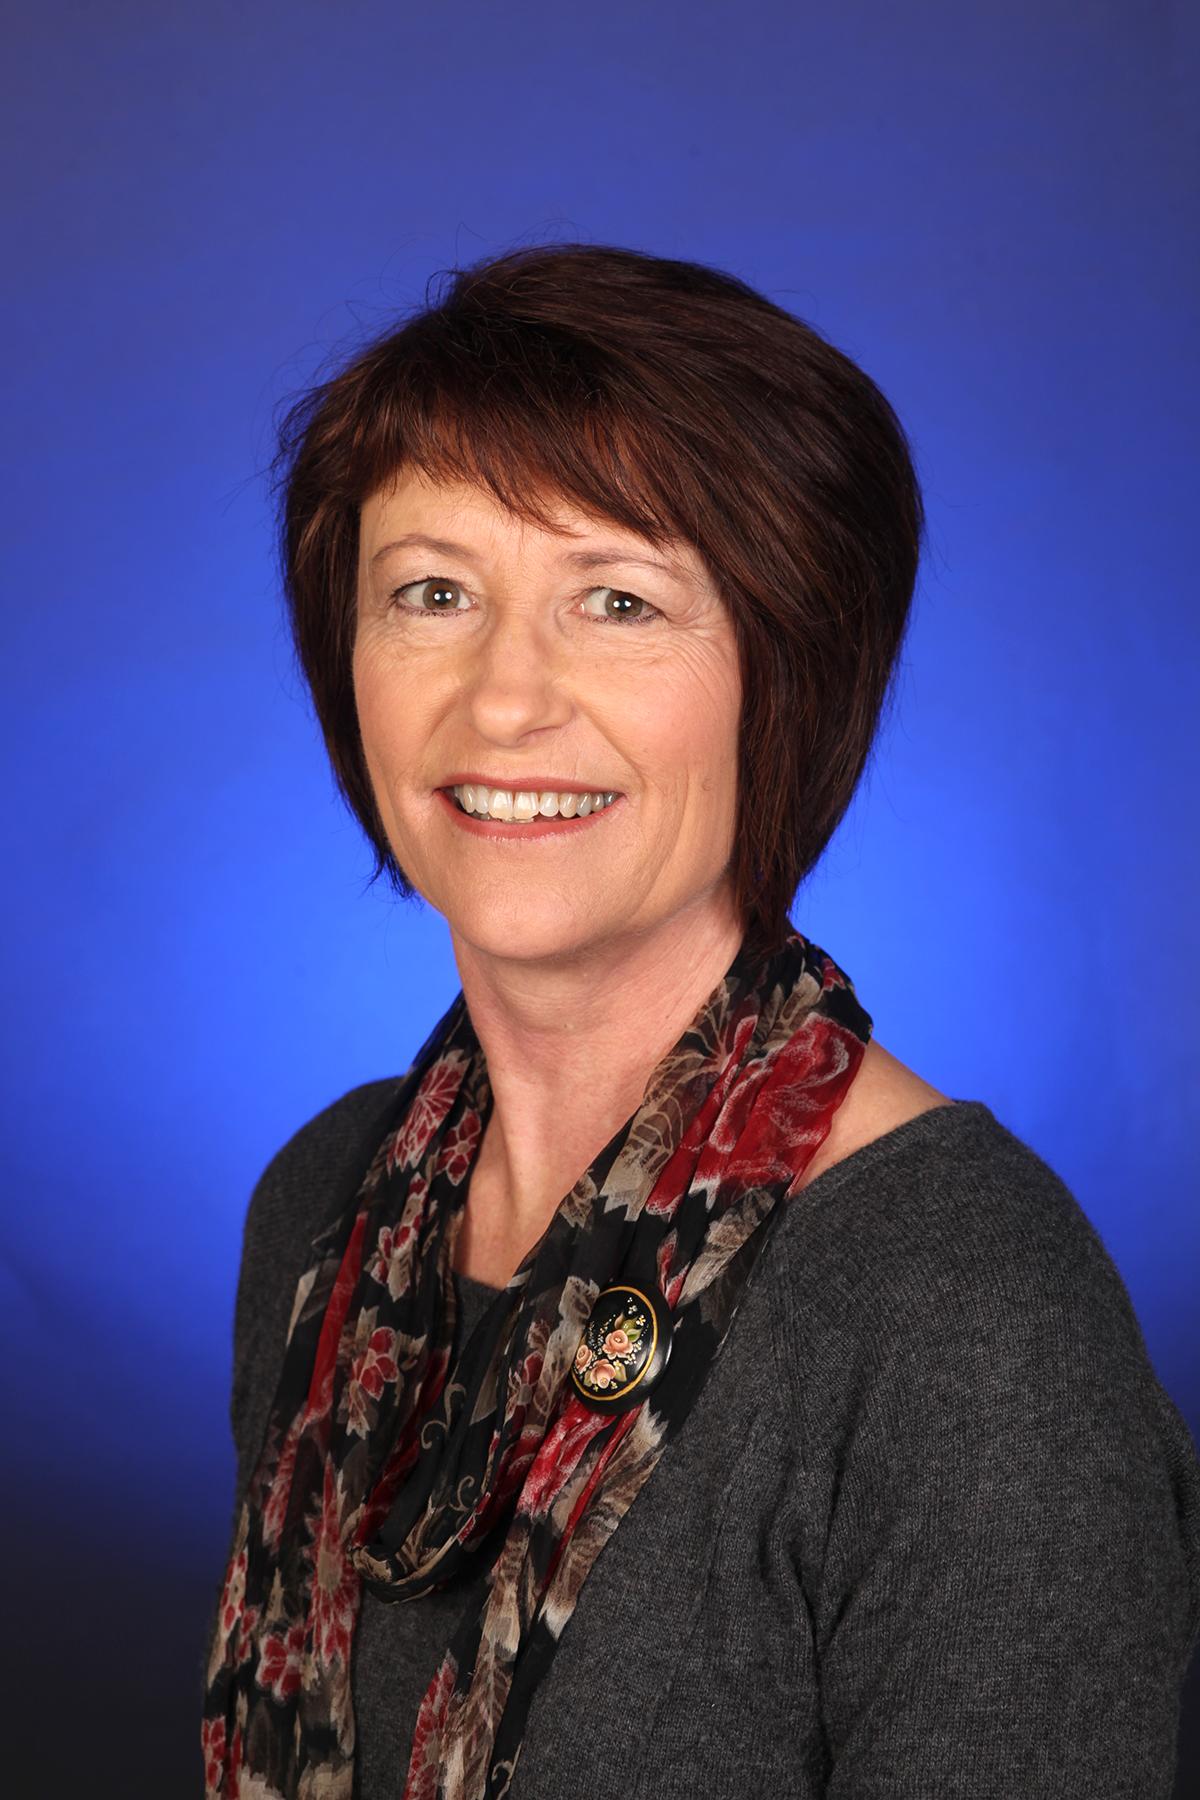 Jane Furness